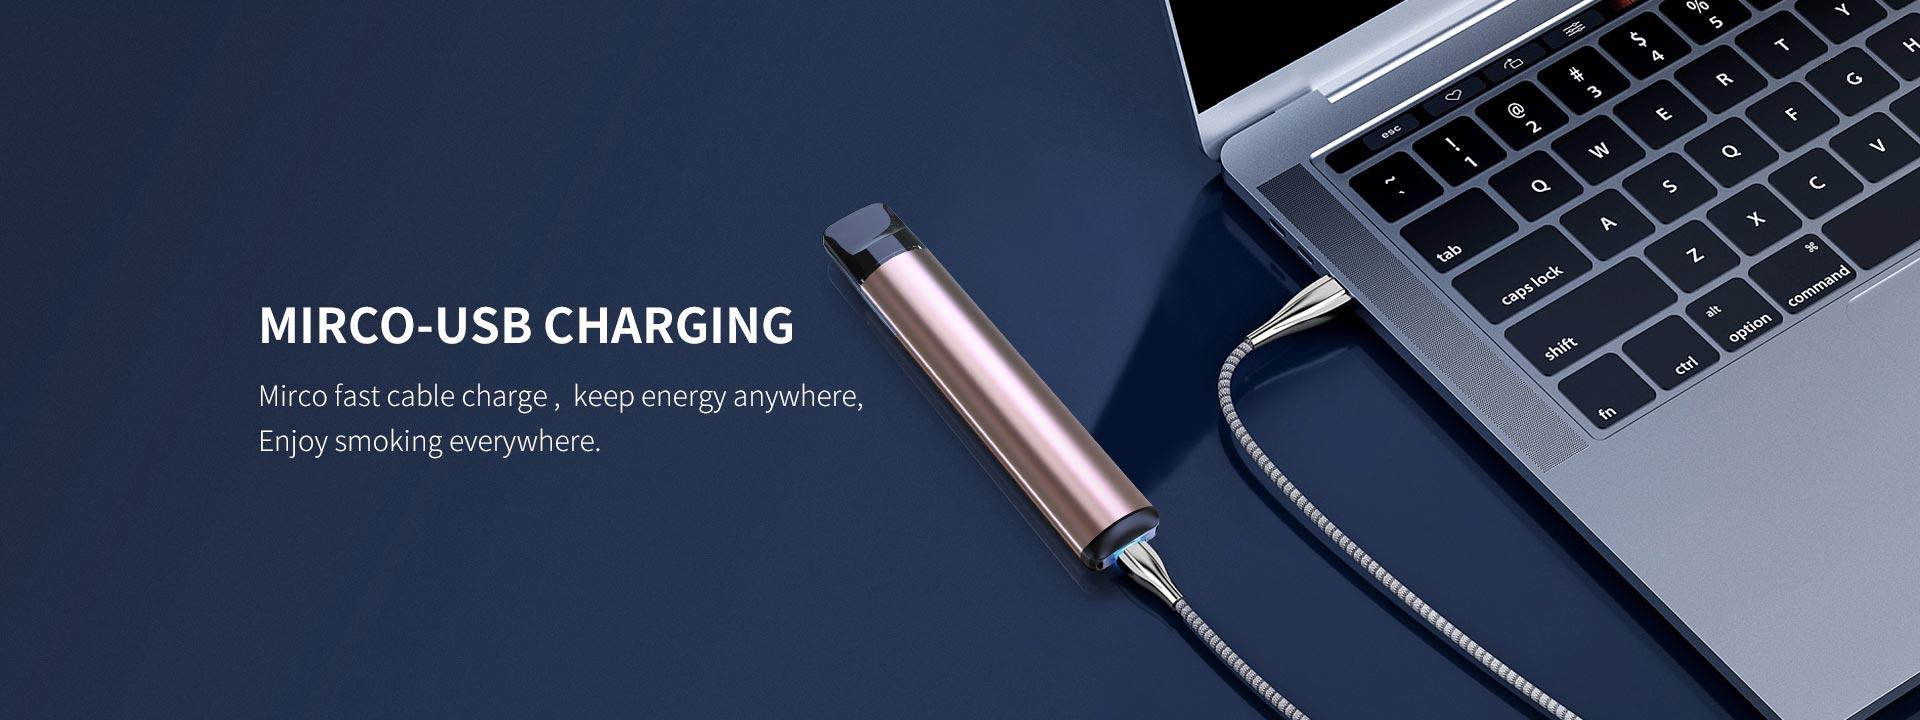 cbd vaporizer 8122 charging